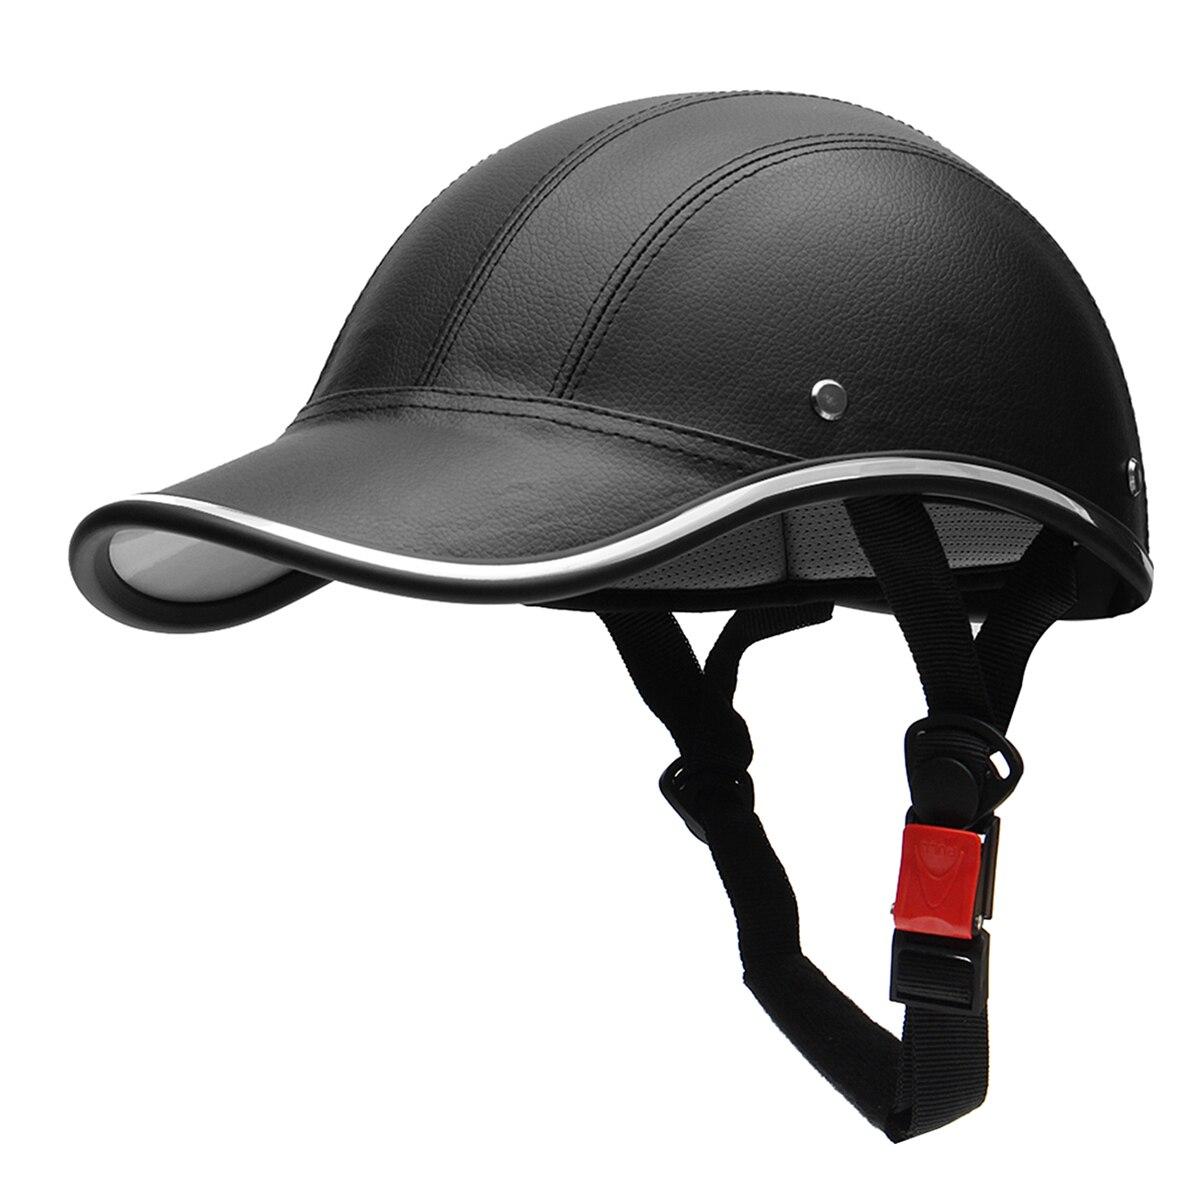 Motorrad Halb Helm Baseball Kappe StyleHalf Gesicht Helm Elektrische Fahrrad Roller Anti-Uv Sicherheit Harten Hut